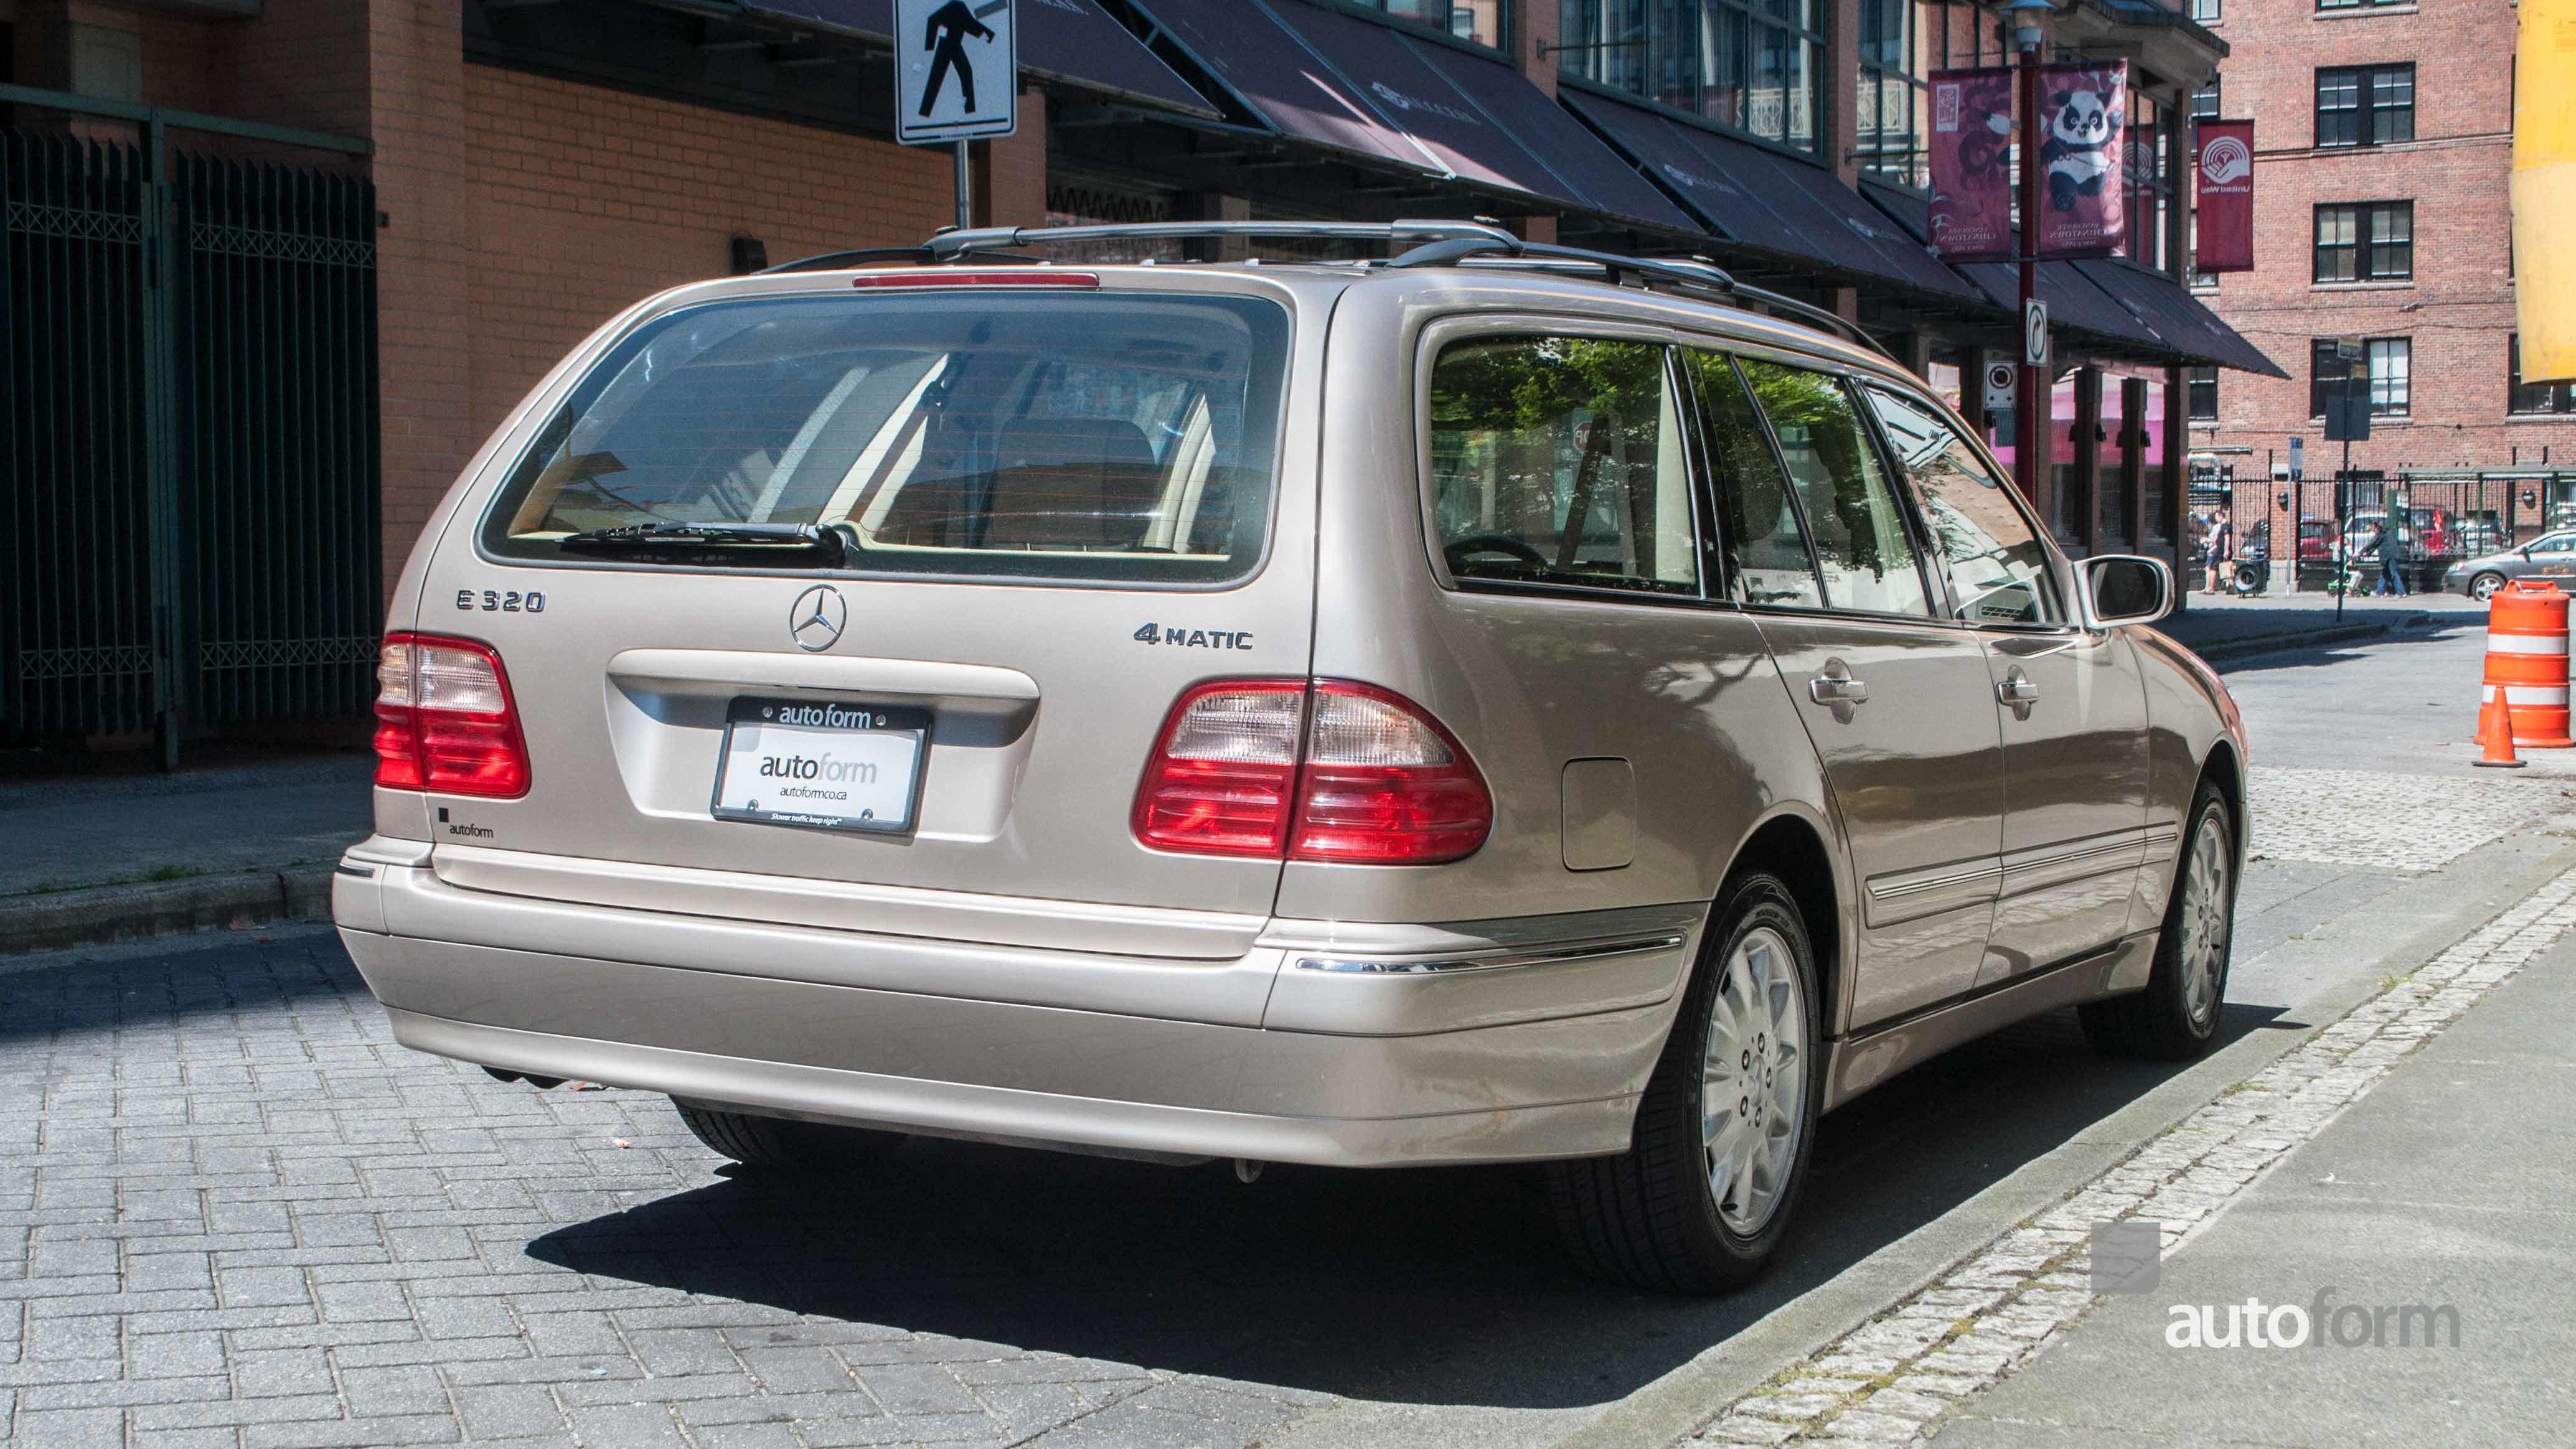 2000 mercedes benz e320 autoform for Mercedes benz 2000 e320